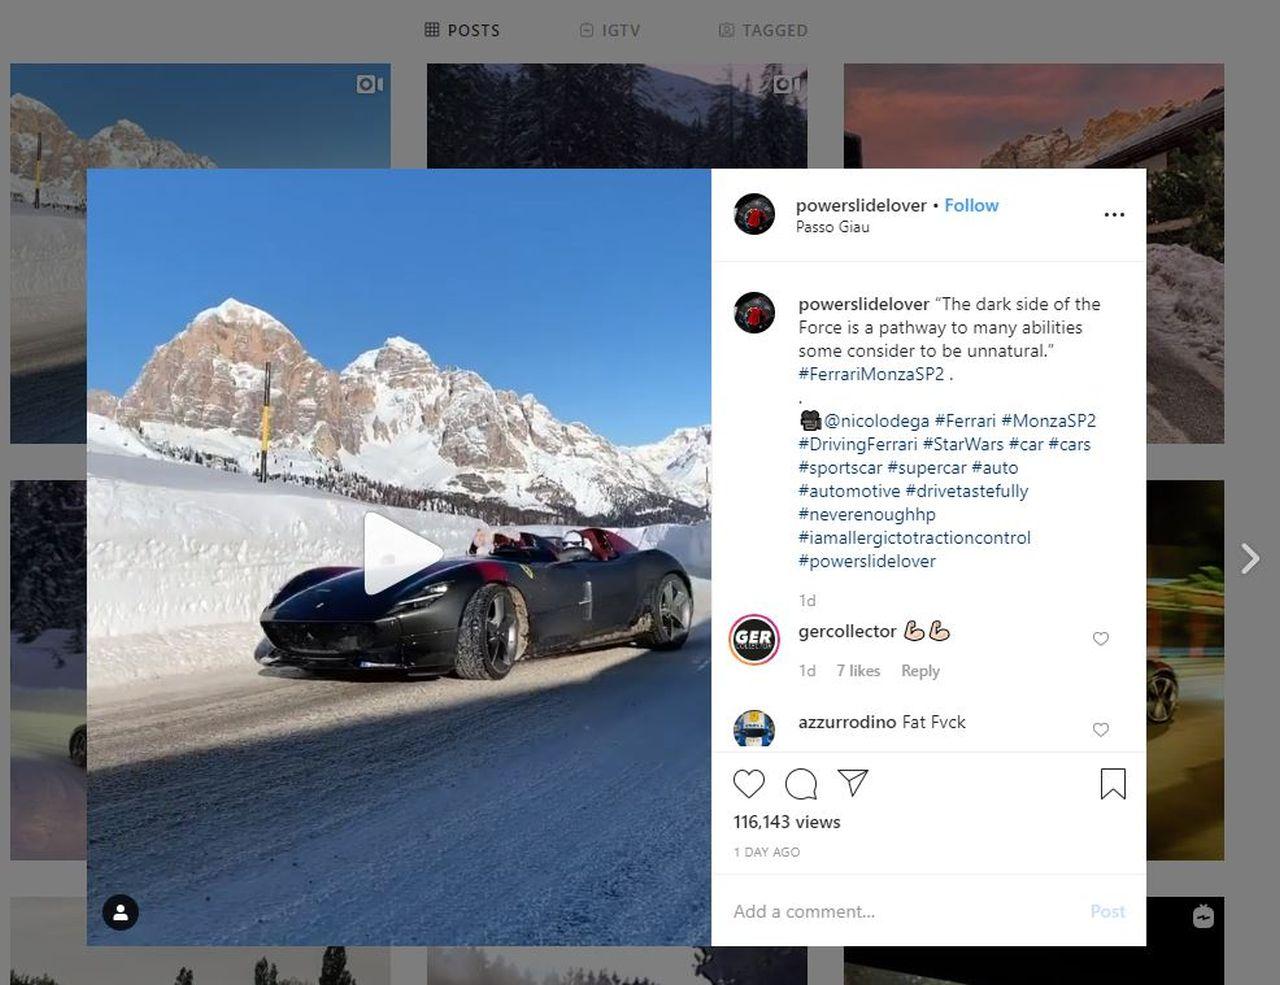 Ferrari Monza SP2-Alps-drifting-powerslidelover-instagram